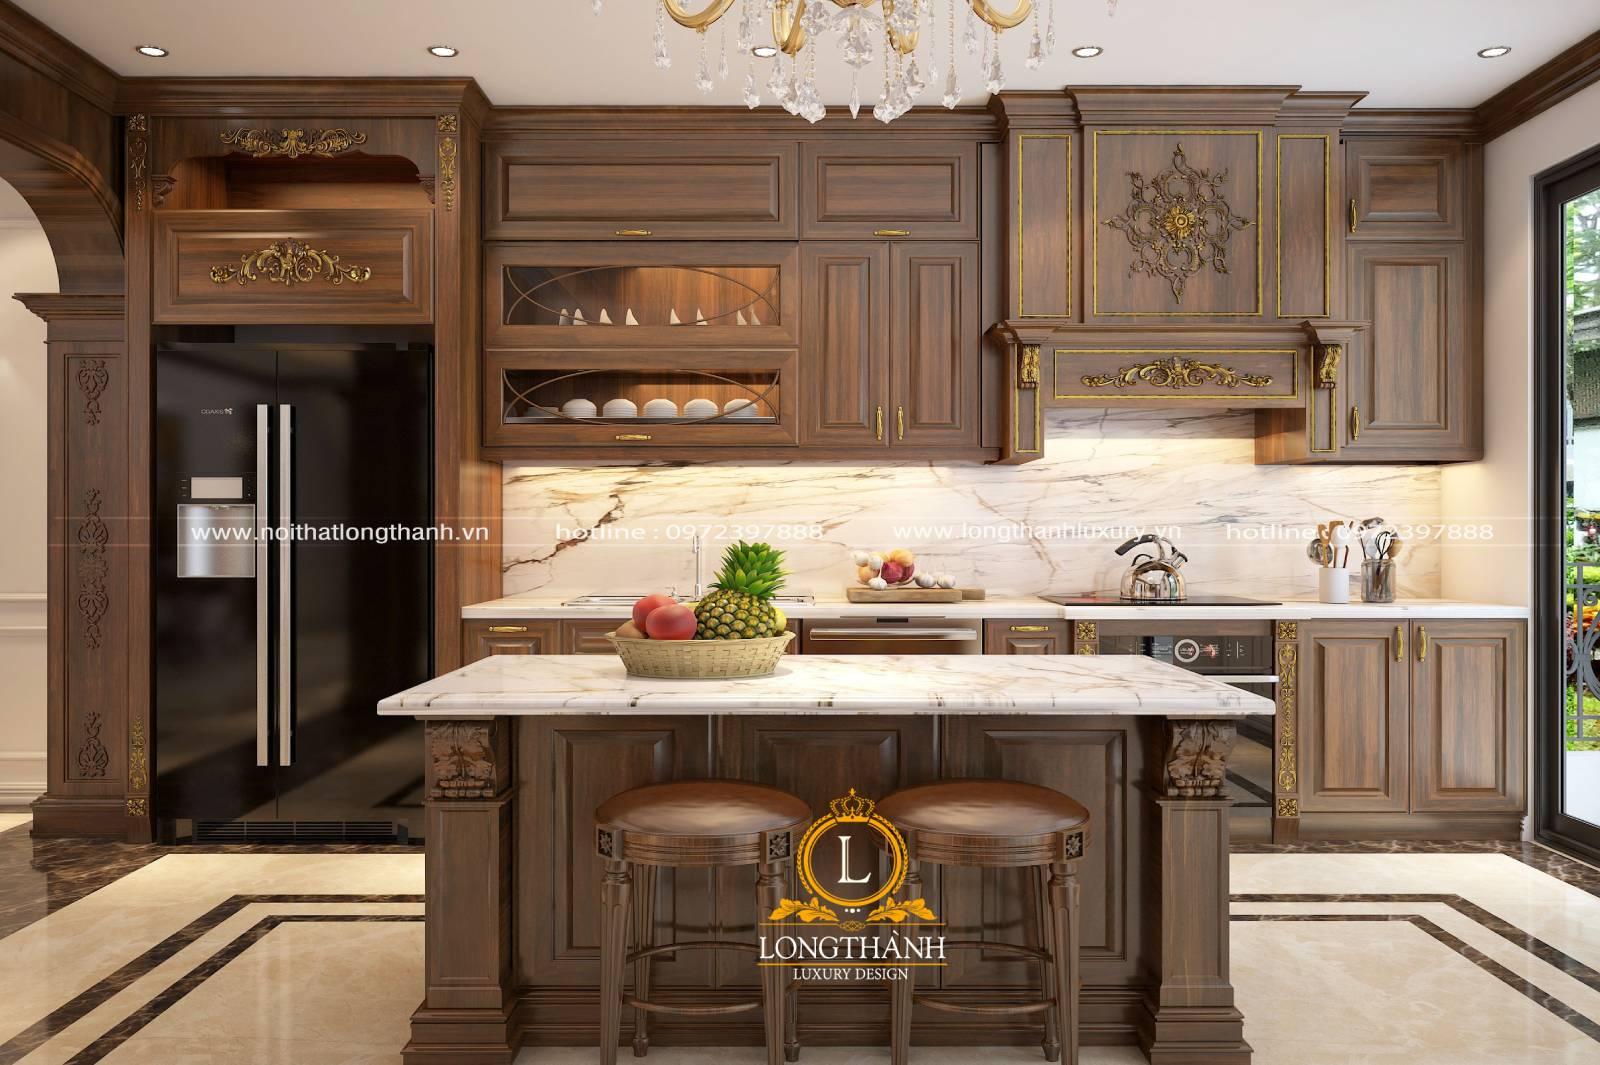 Mẫu thiết kế tủ bếp gỗ Gõ LT22 đơn giản kết hợp bàn đảo